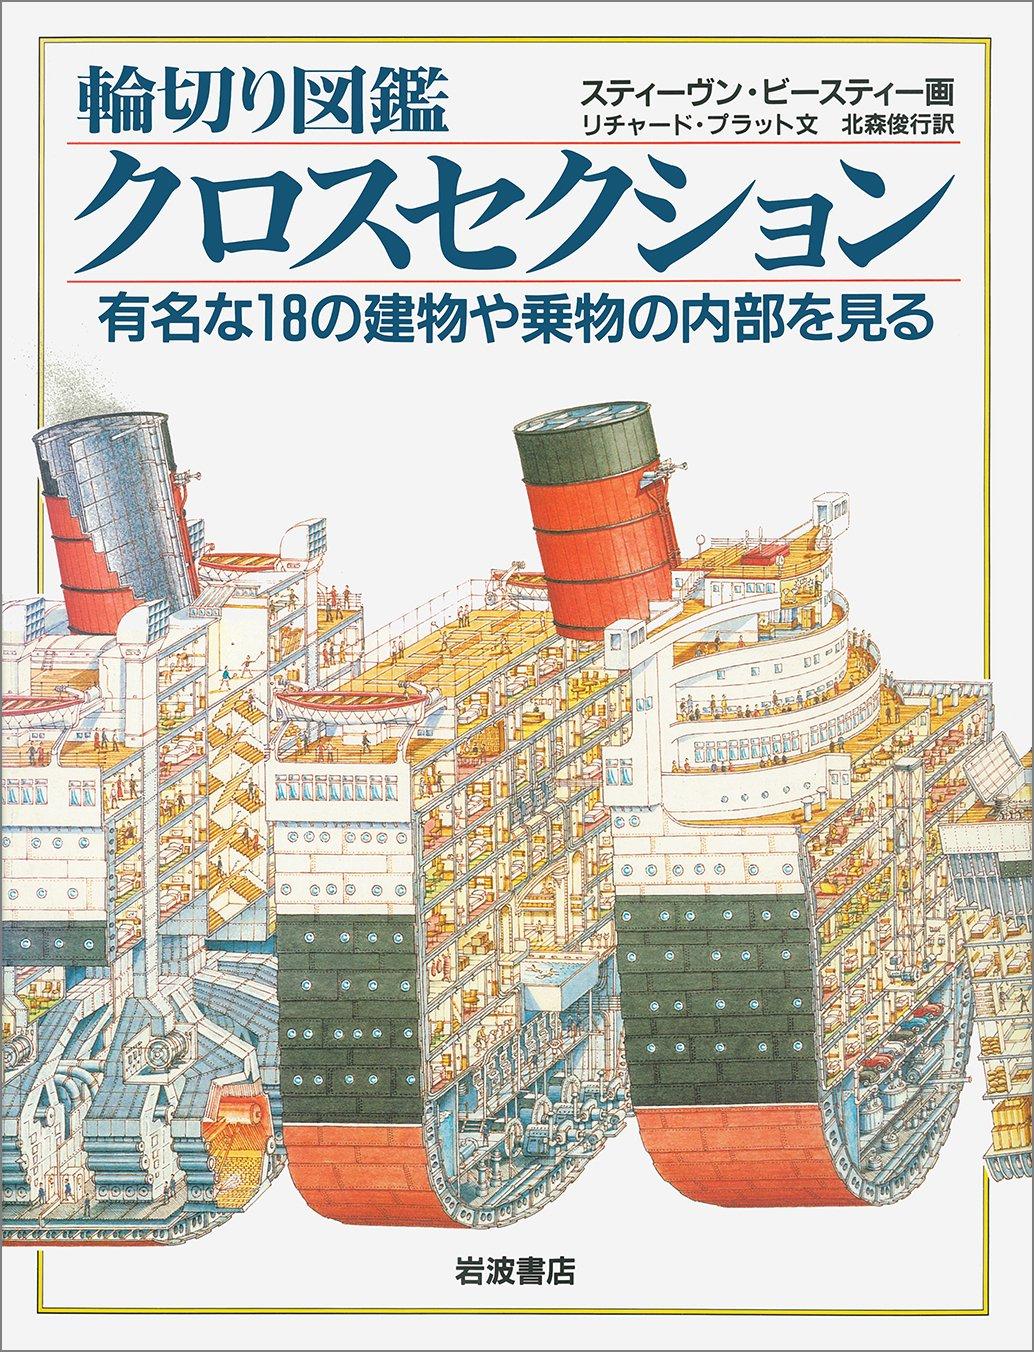 輪切り図鑑 クロスセクション\u2015有名な18の建物や乗物の内部を見る